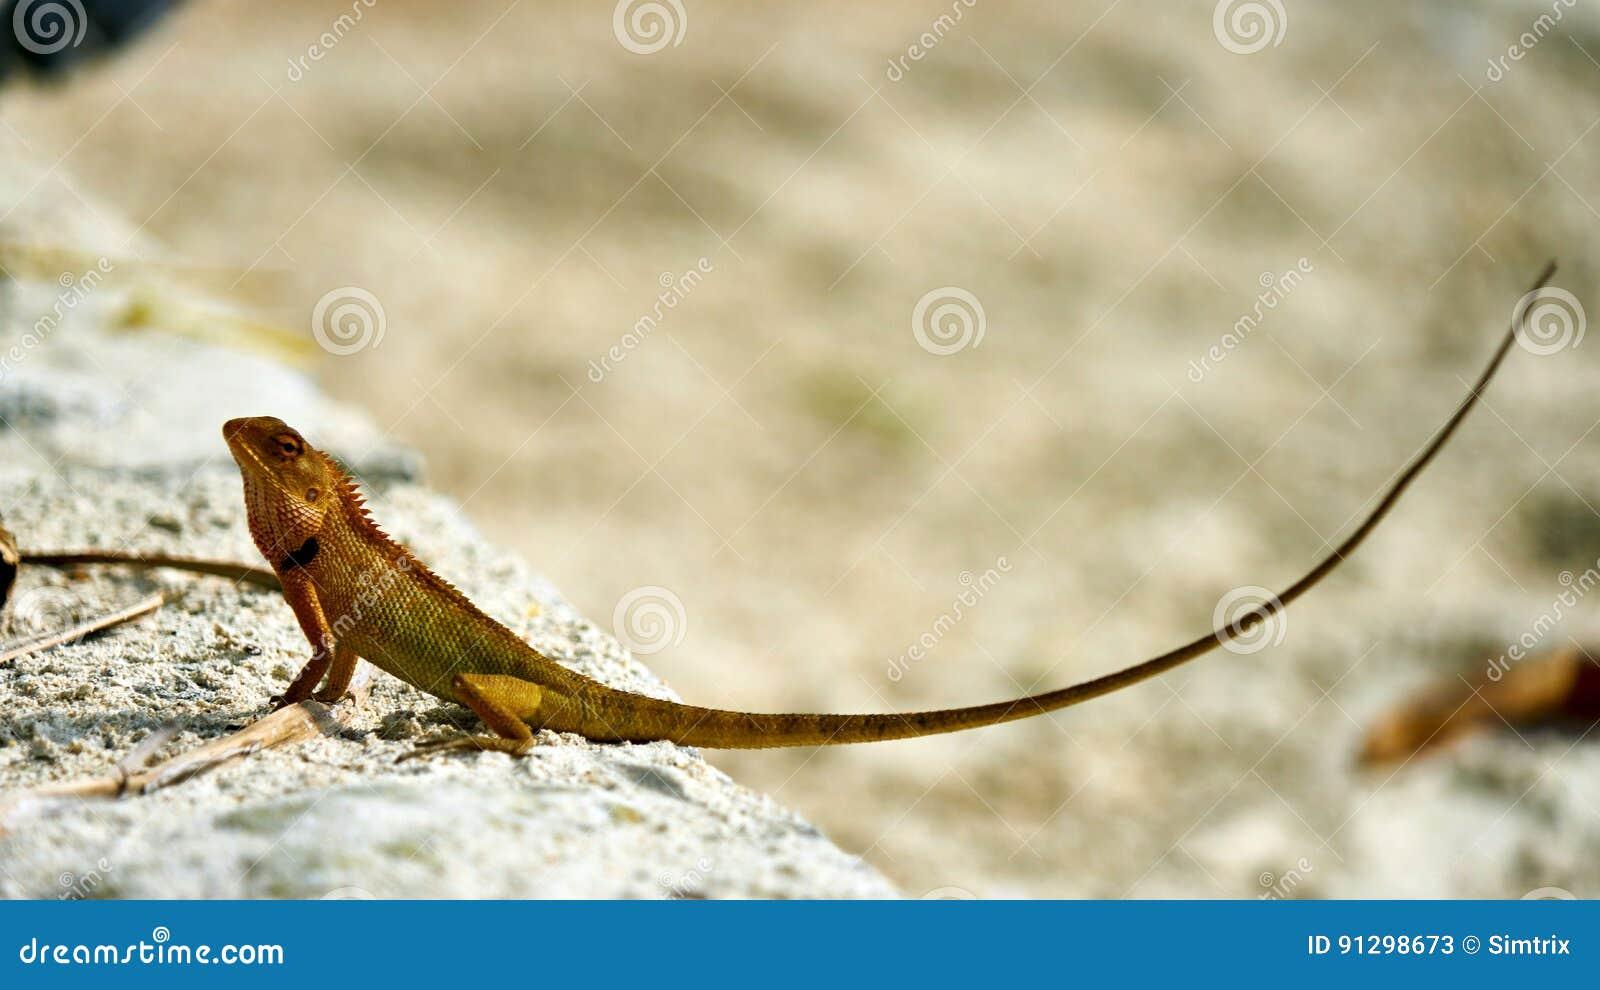 Cute green lizard sits on sand